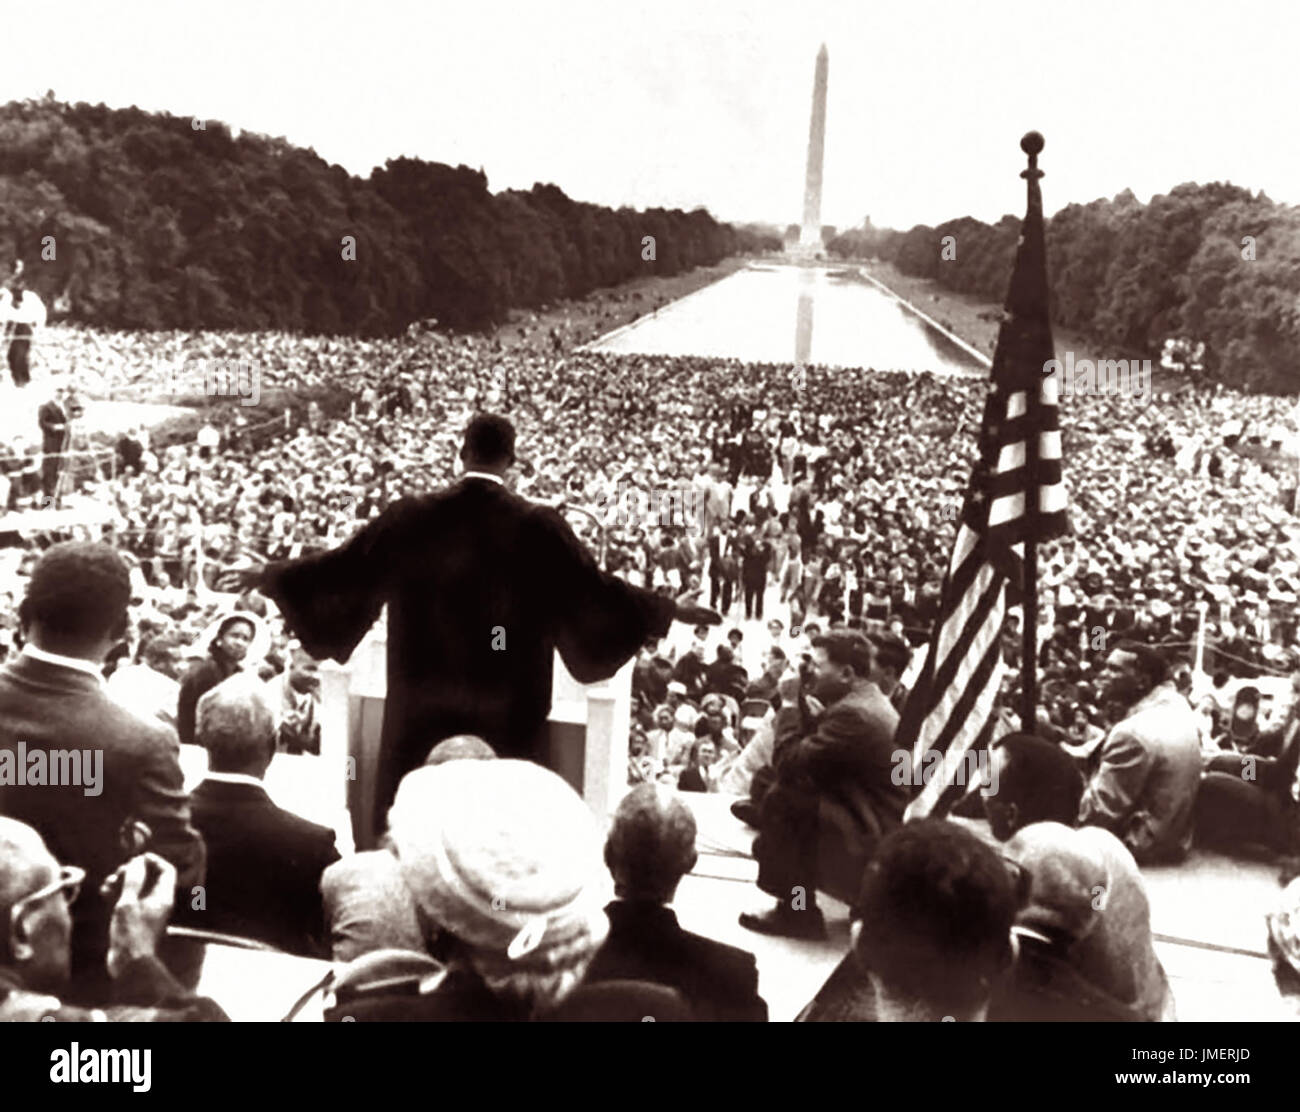 Il dott. Martin Luther King Jr. al pellegrinaggio di preghiera per la libertà rallly in maggio 17, 1957 come egli offre il suo 'ci danno il ballottaggio' discorso dai gradini del Lincoln Memorial a Washington D.C. Circa 25.000 sono stati presenti come il dottor King, l'ultimo oratore, diede il suo primo indirizzo nazionale. Foto Stock